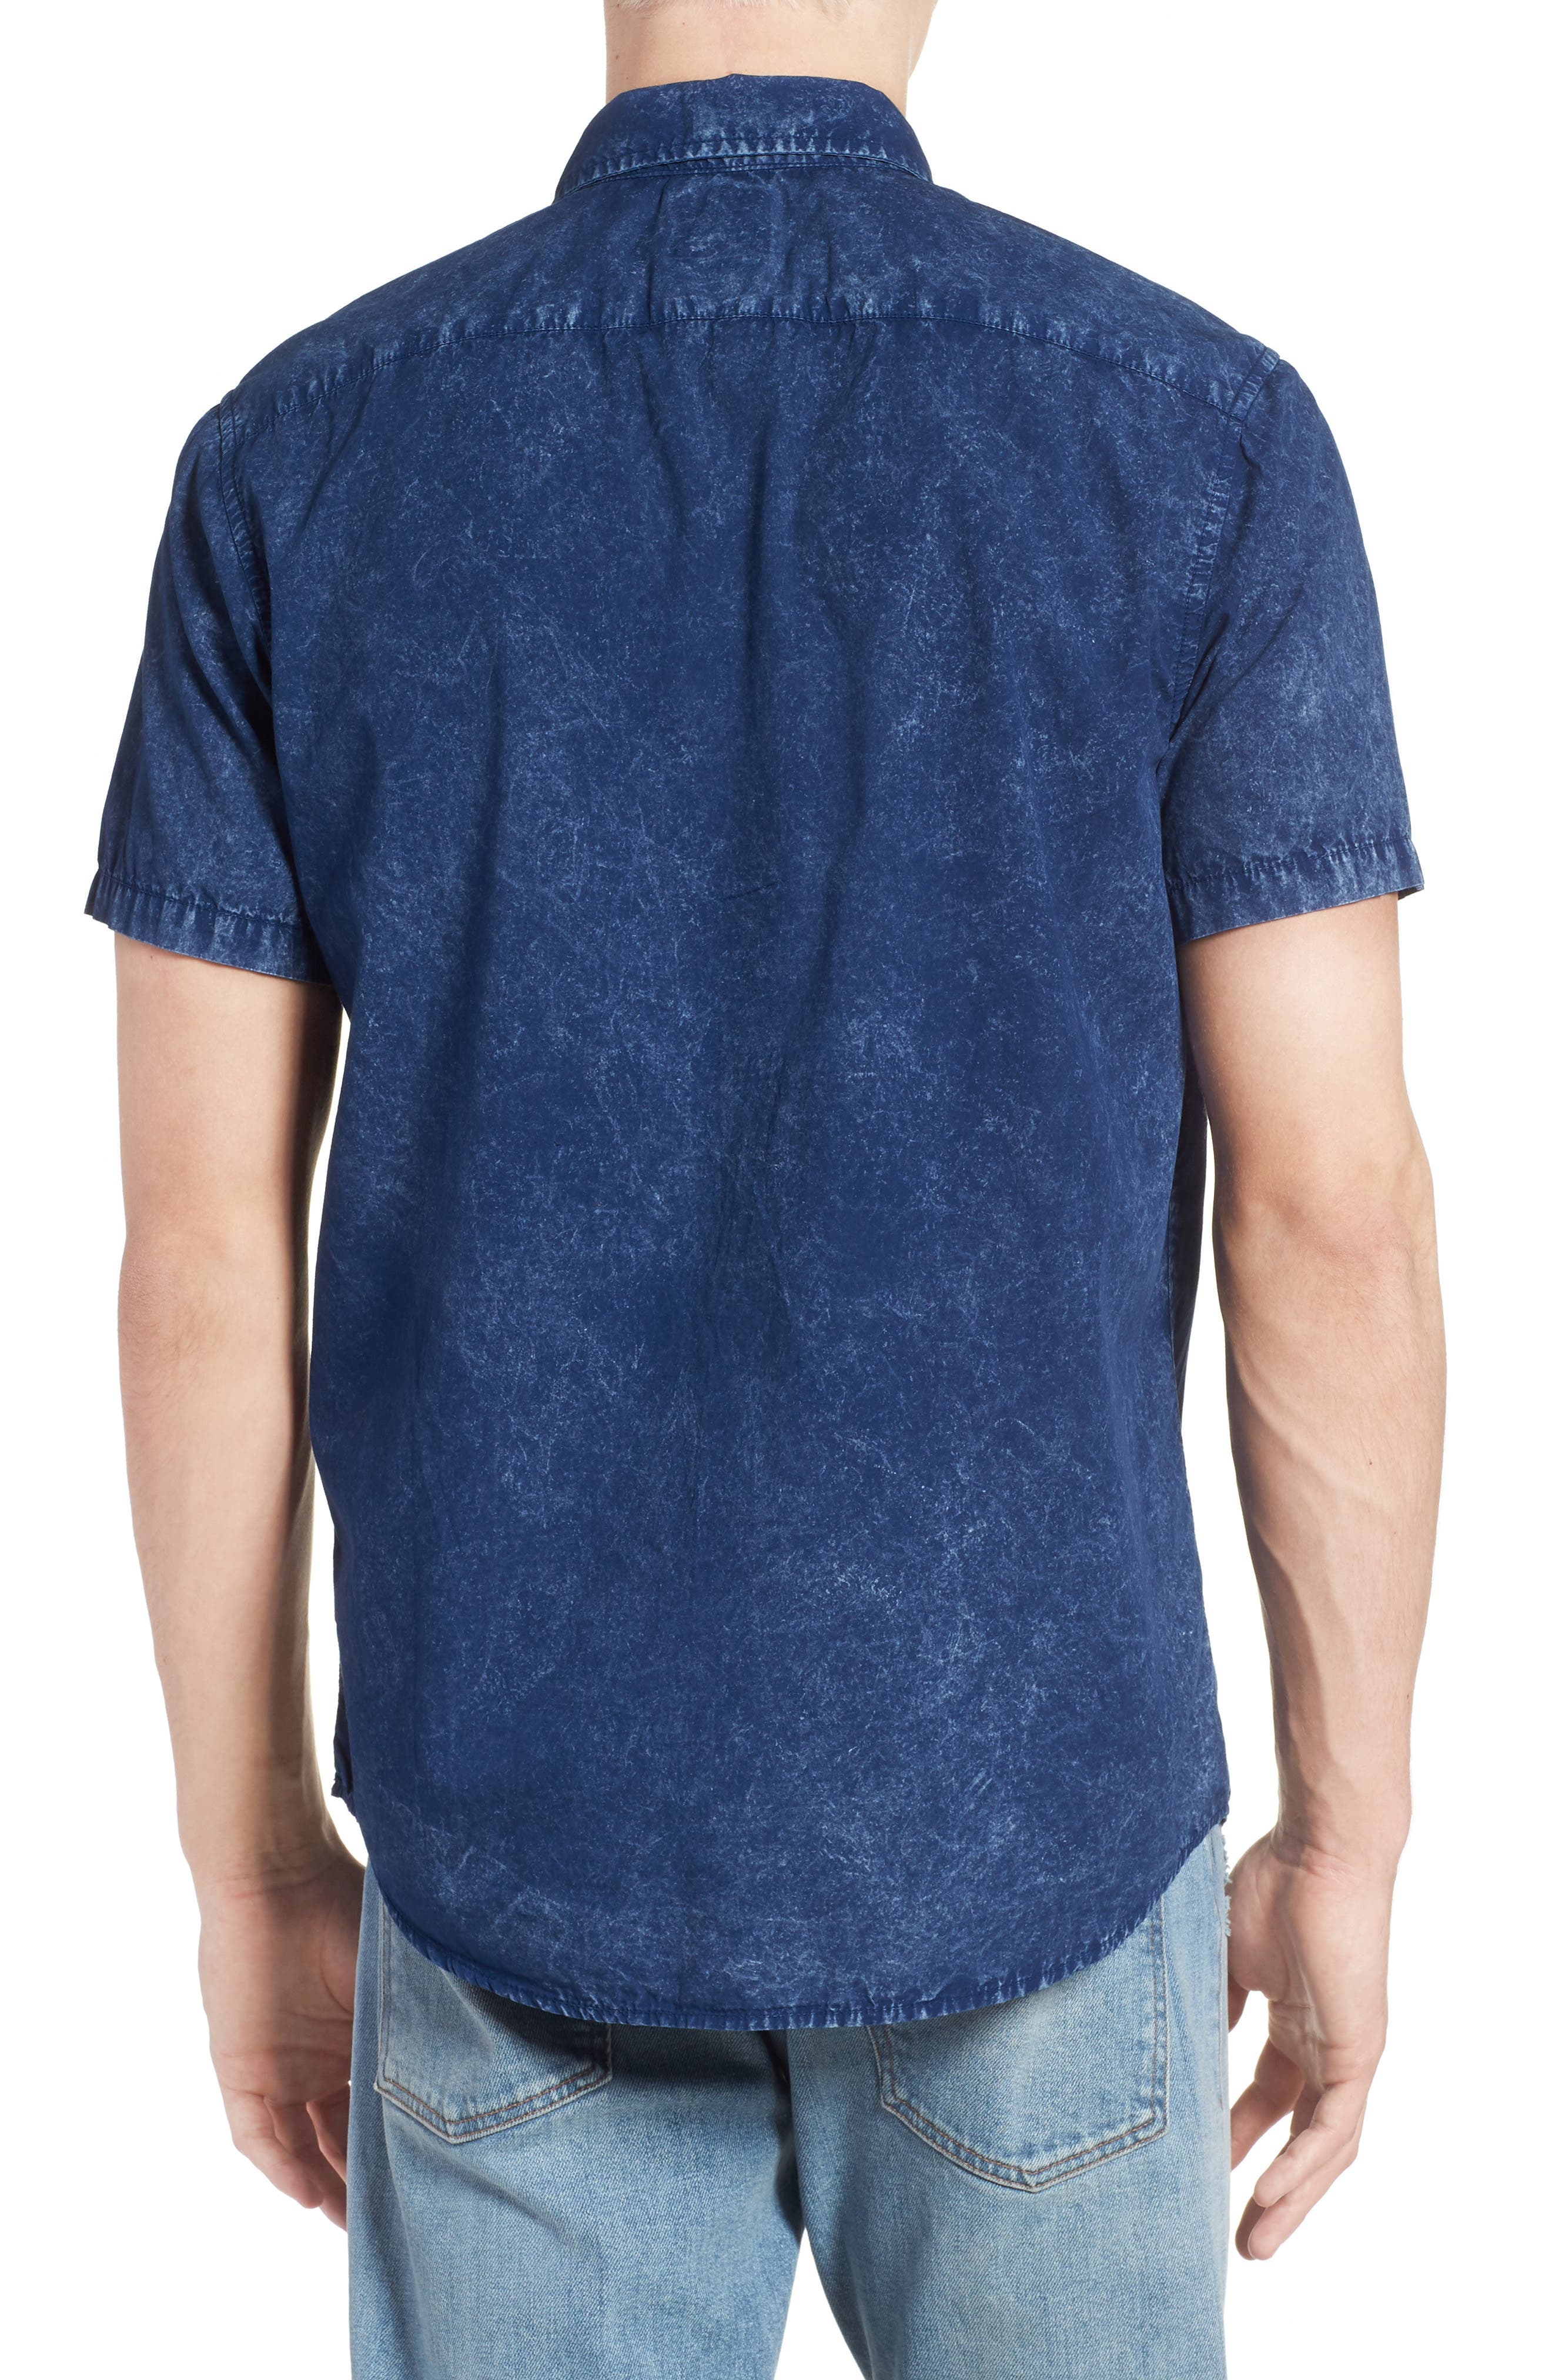 Acid Rain Denim Shirt,                             Alternate thumbnail 2, color,                             400